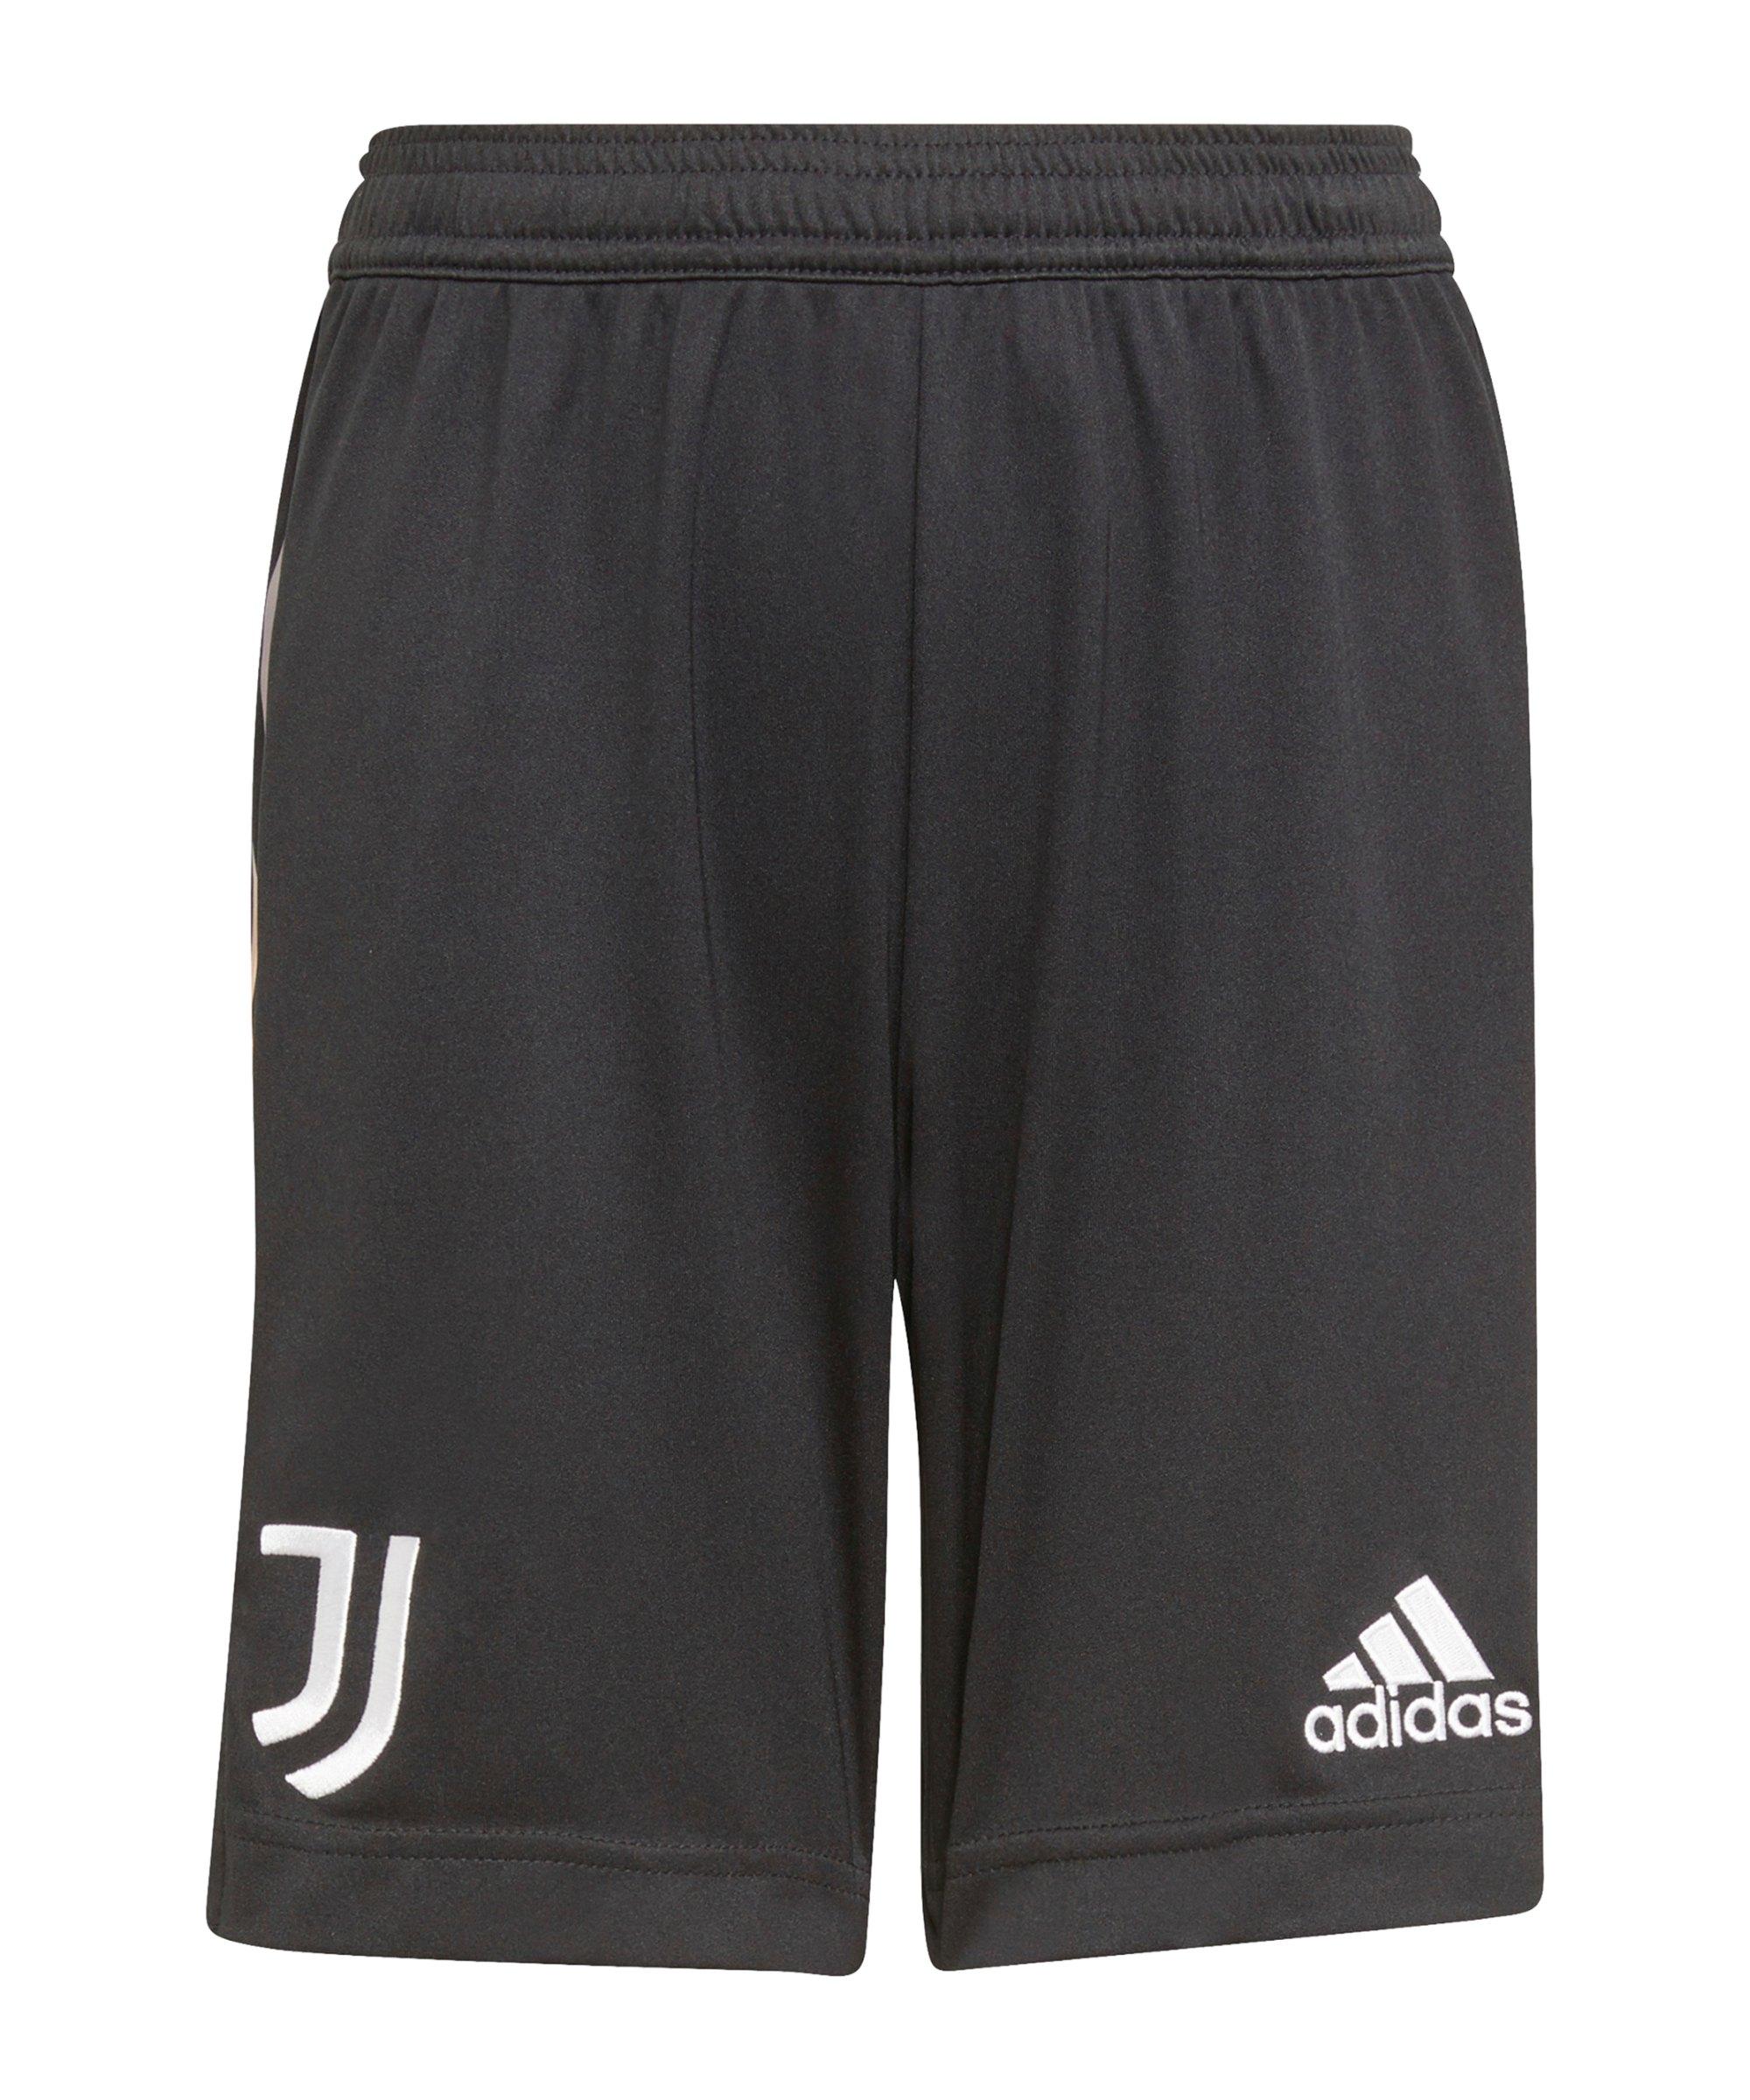 adidas Juventus Turin Short Away 2021/2022 Kids Schwarz - schwarz